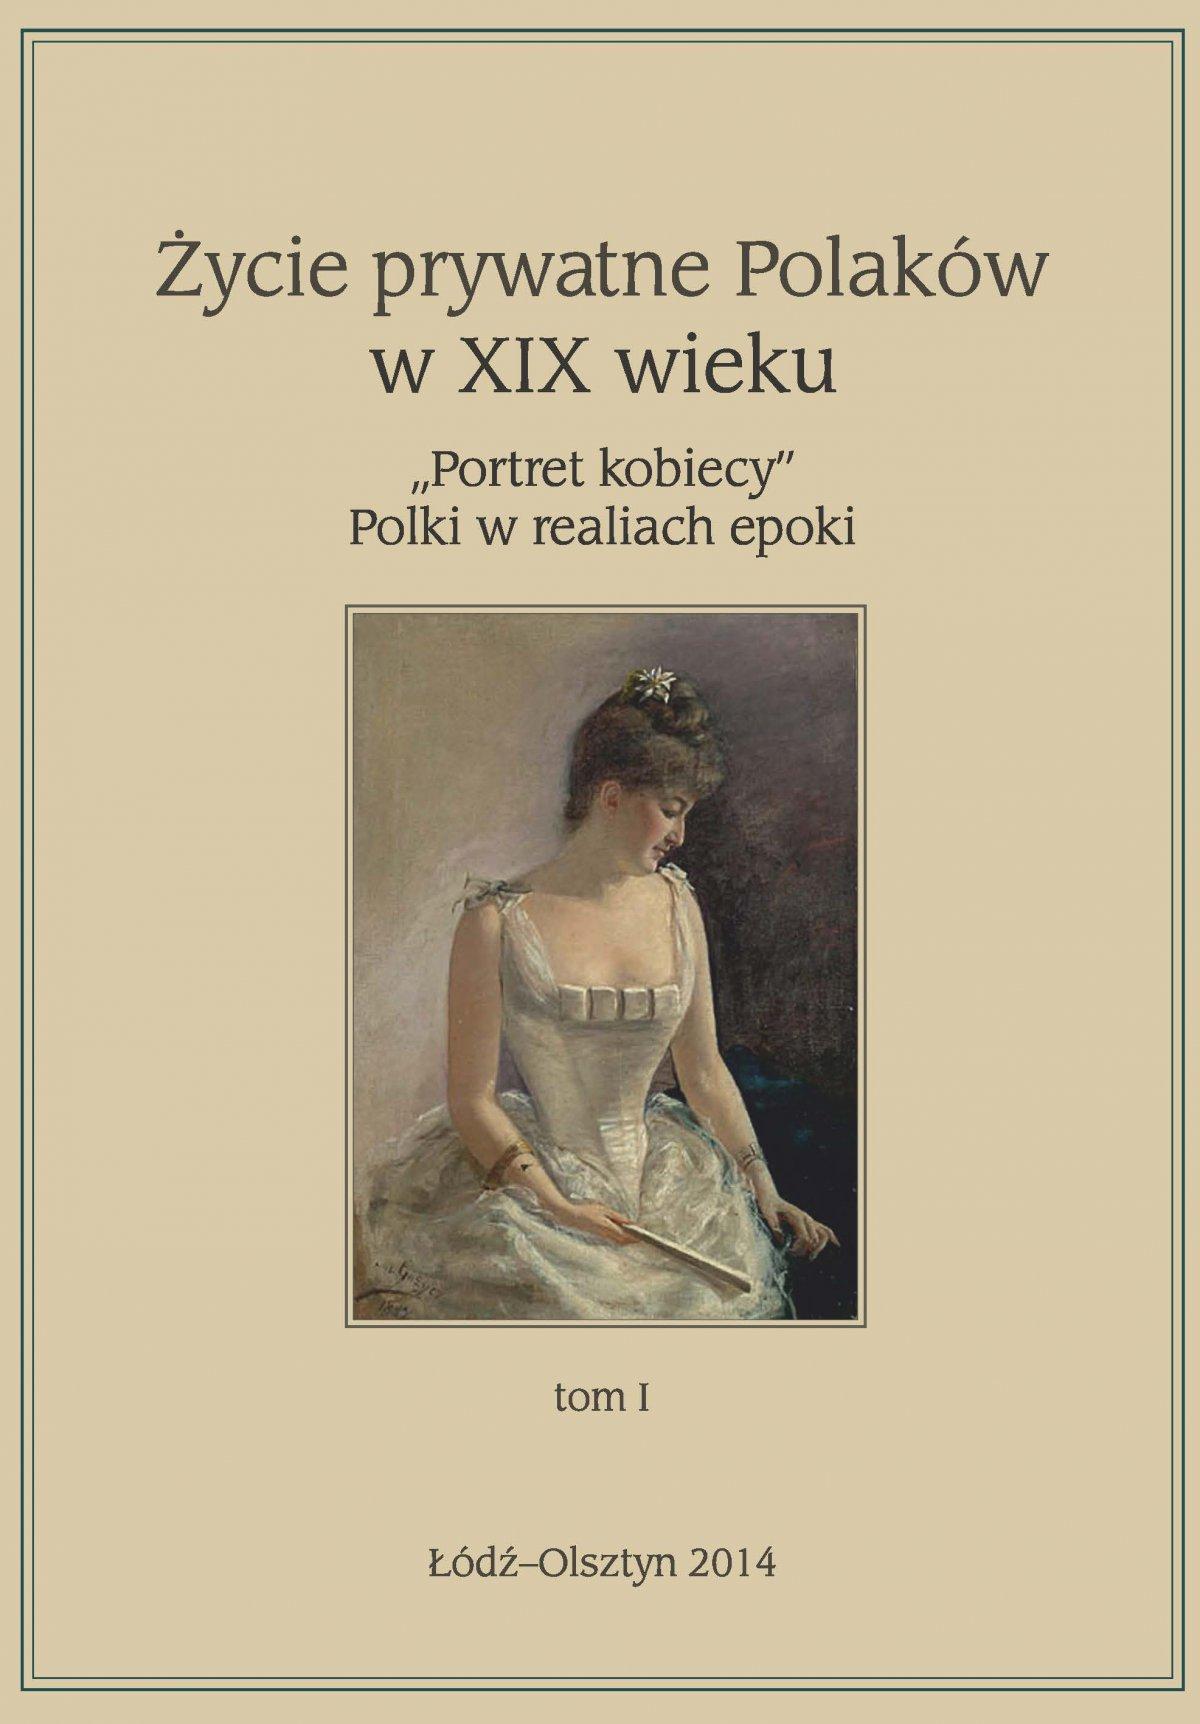 """Życie prywatne Polaków w XIX w. """"Portret kobiecy"""" Polki w realiach epoki. Tom 1 - Ebook (Książka EPUB) do pobrania w formacie EPUB"""